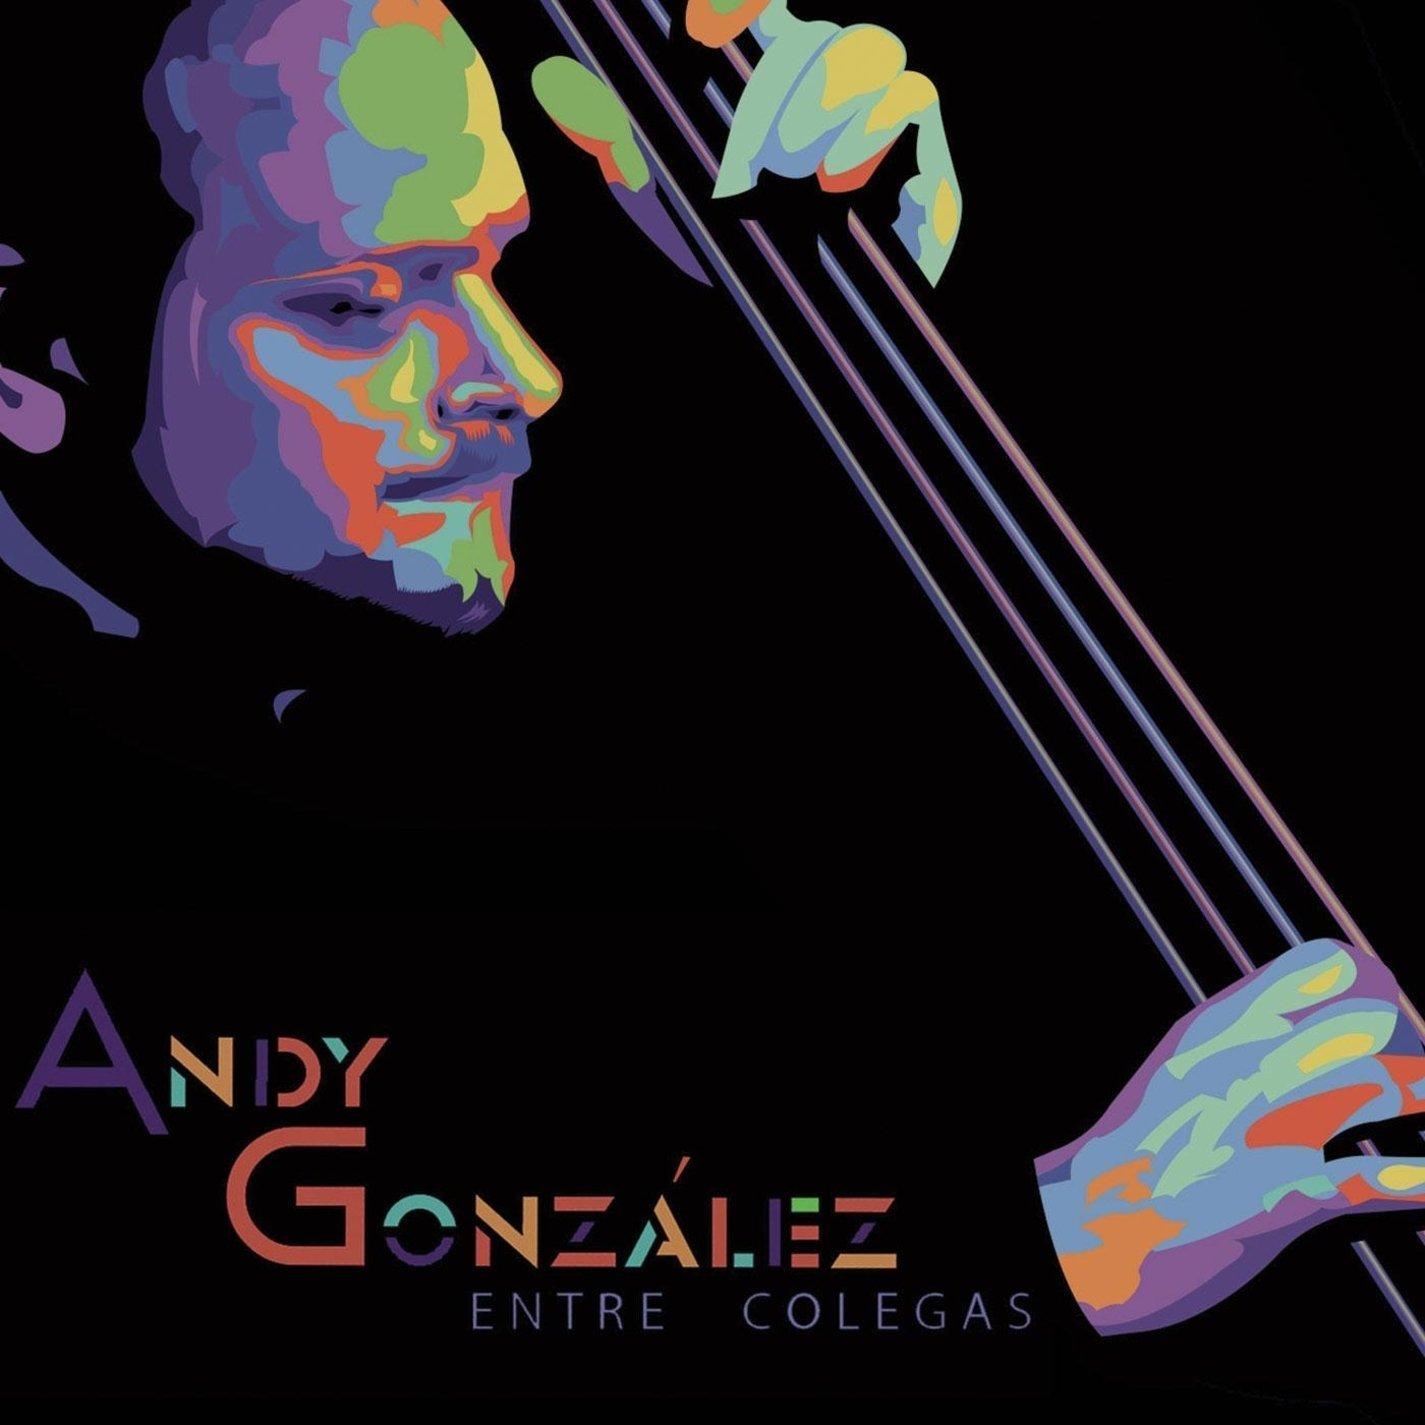 ANDY GONZÁLEZ - Entre Colegas cover